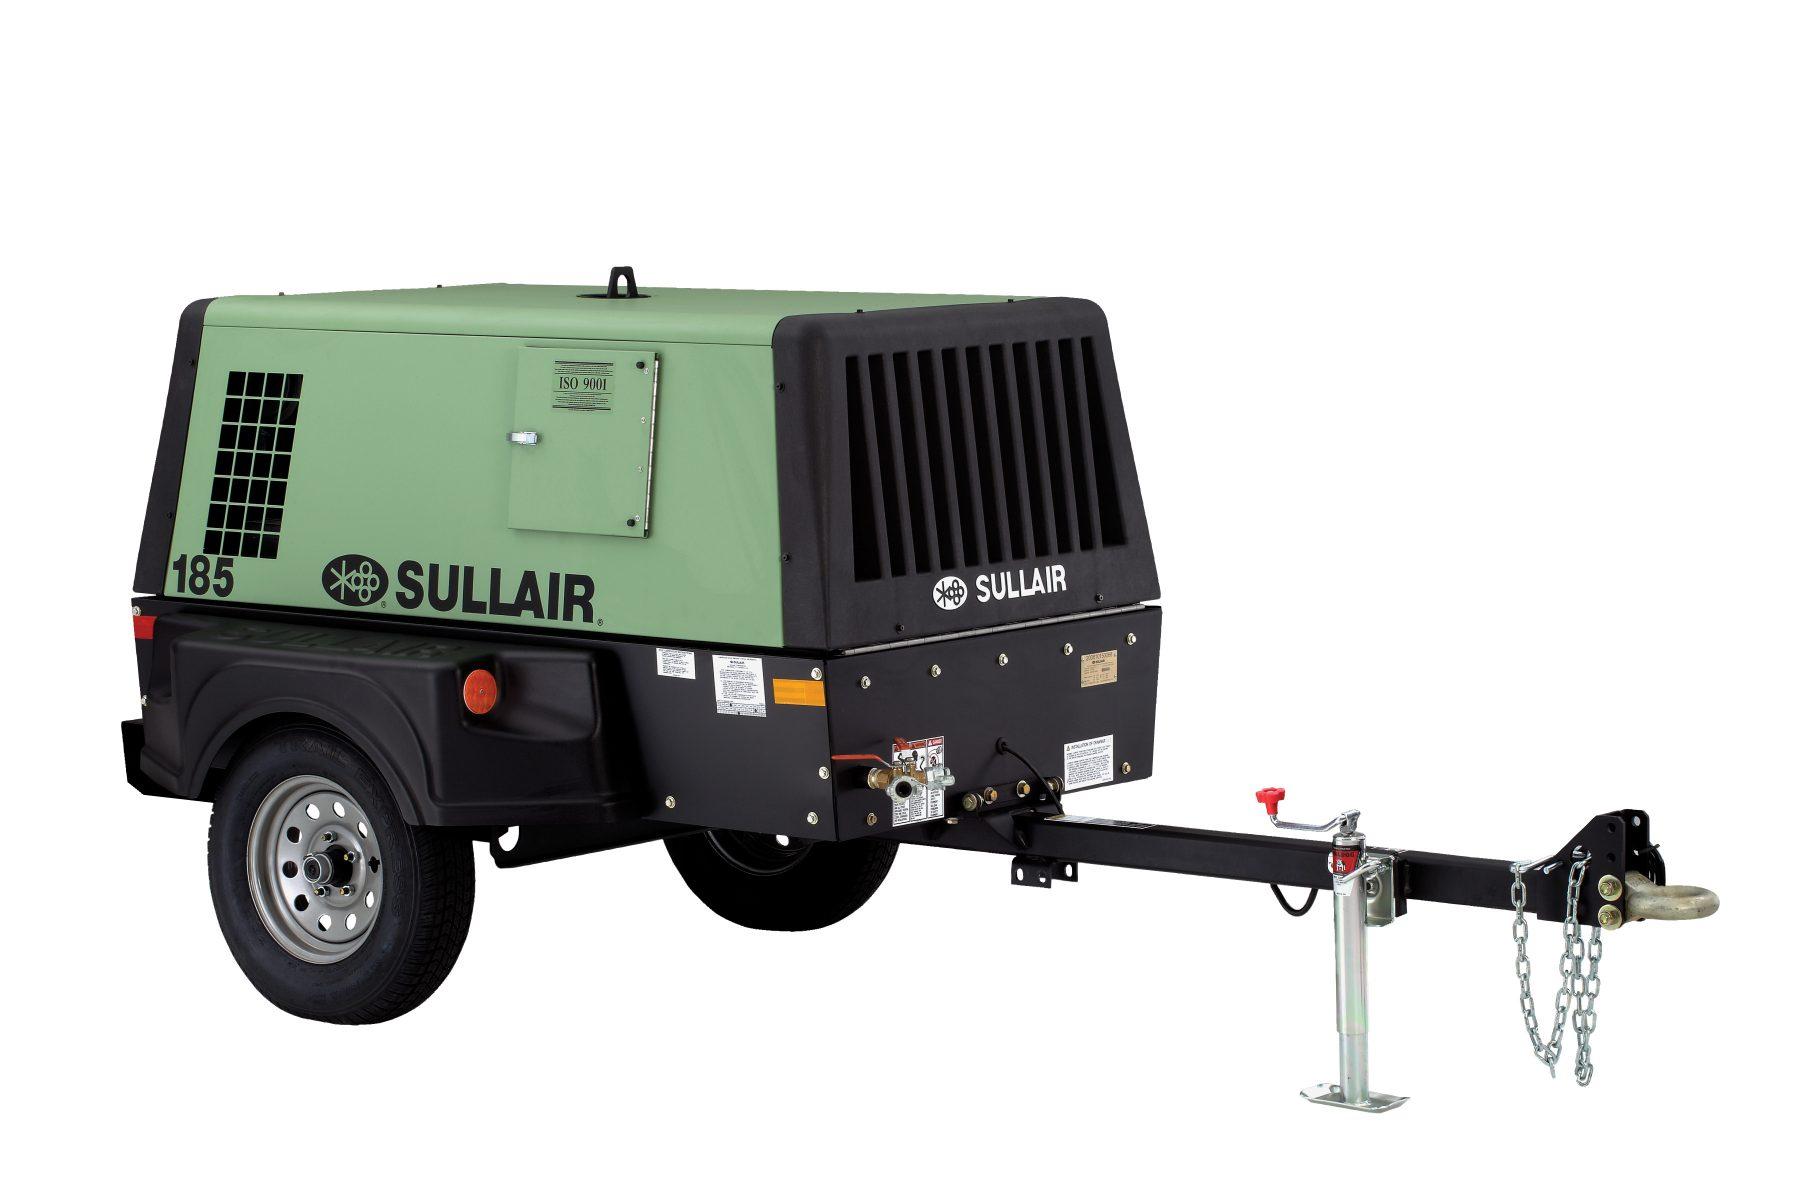 Sullair 185 CFM Air Compressor Rental in Calgary, Edmonton, Fort McMurray, Lethbridge Alberta